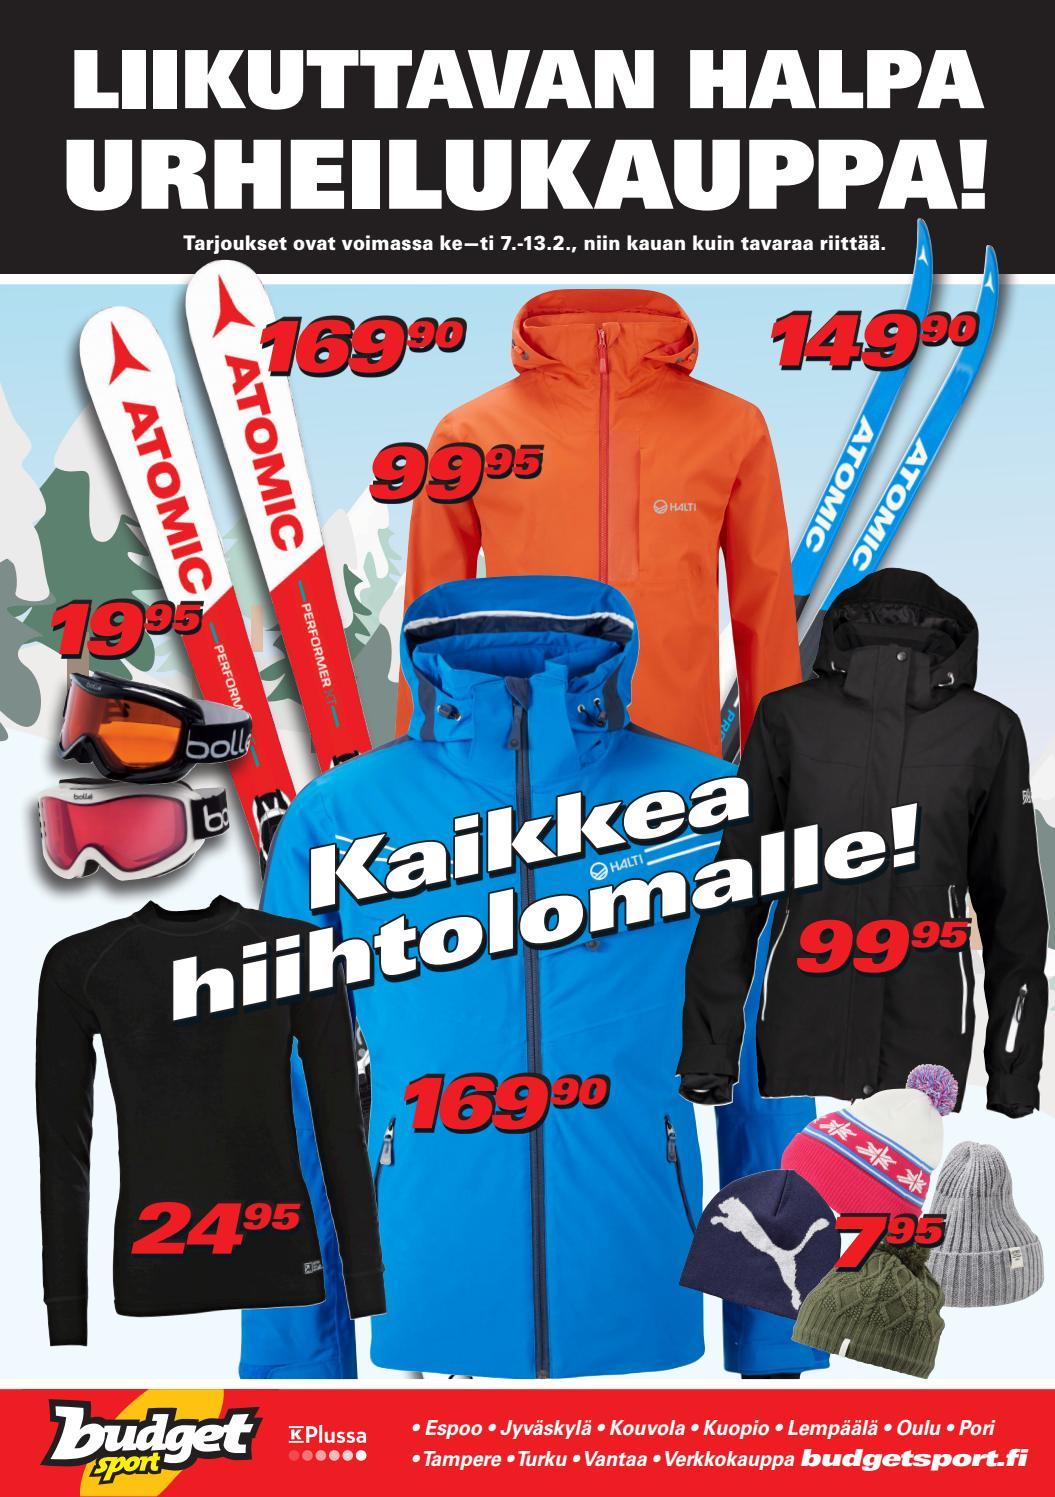 Urheilukauppa Tampere